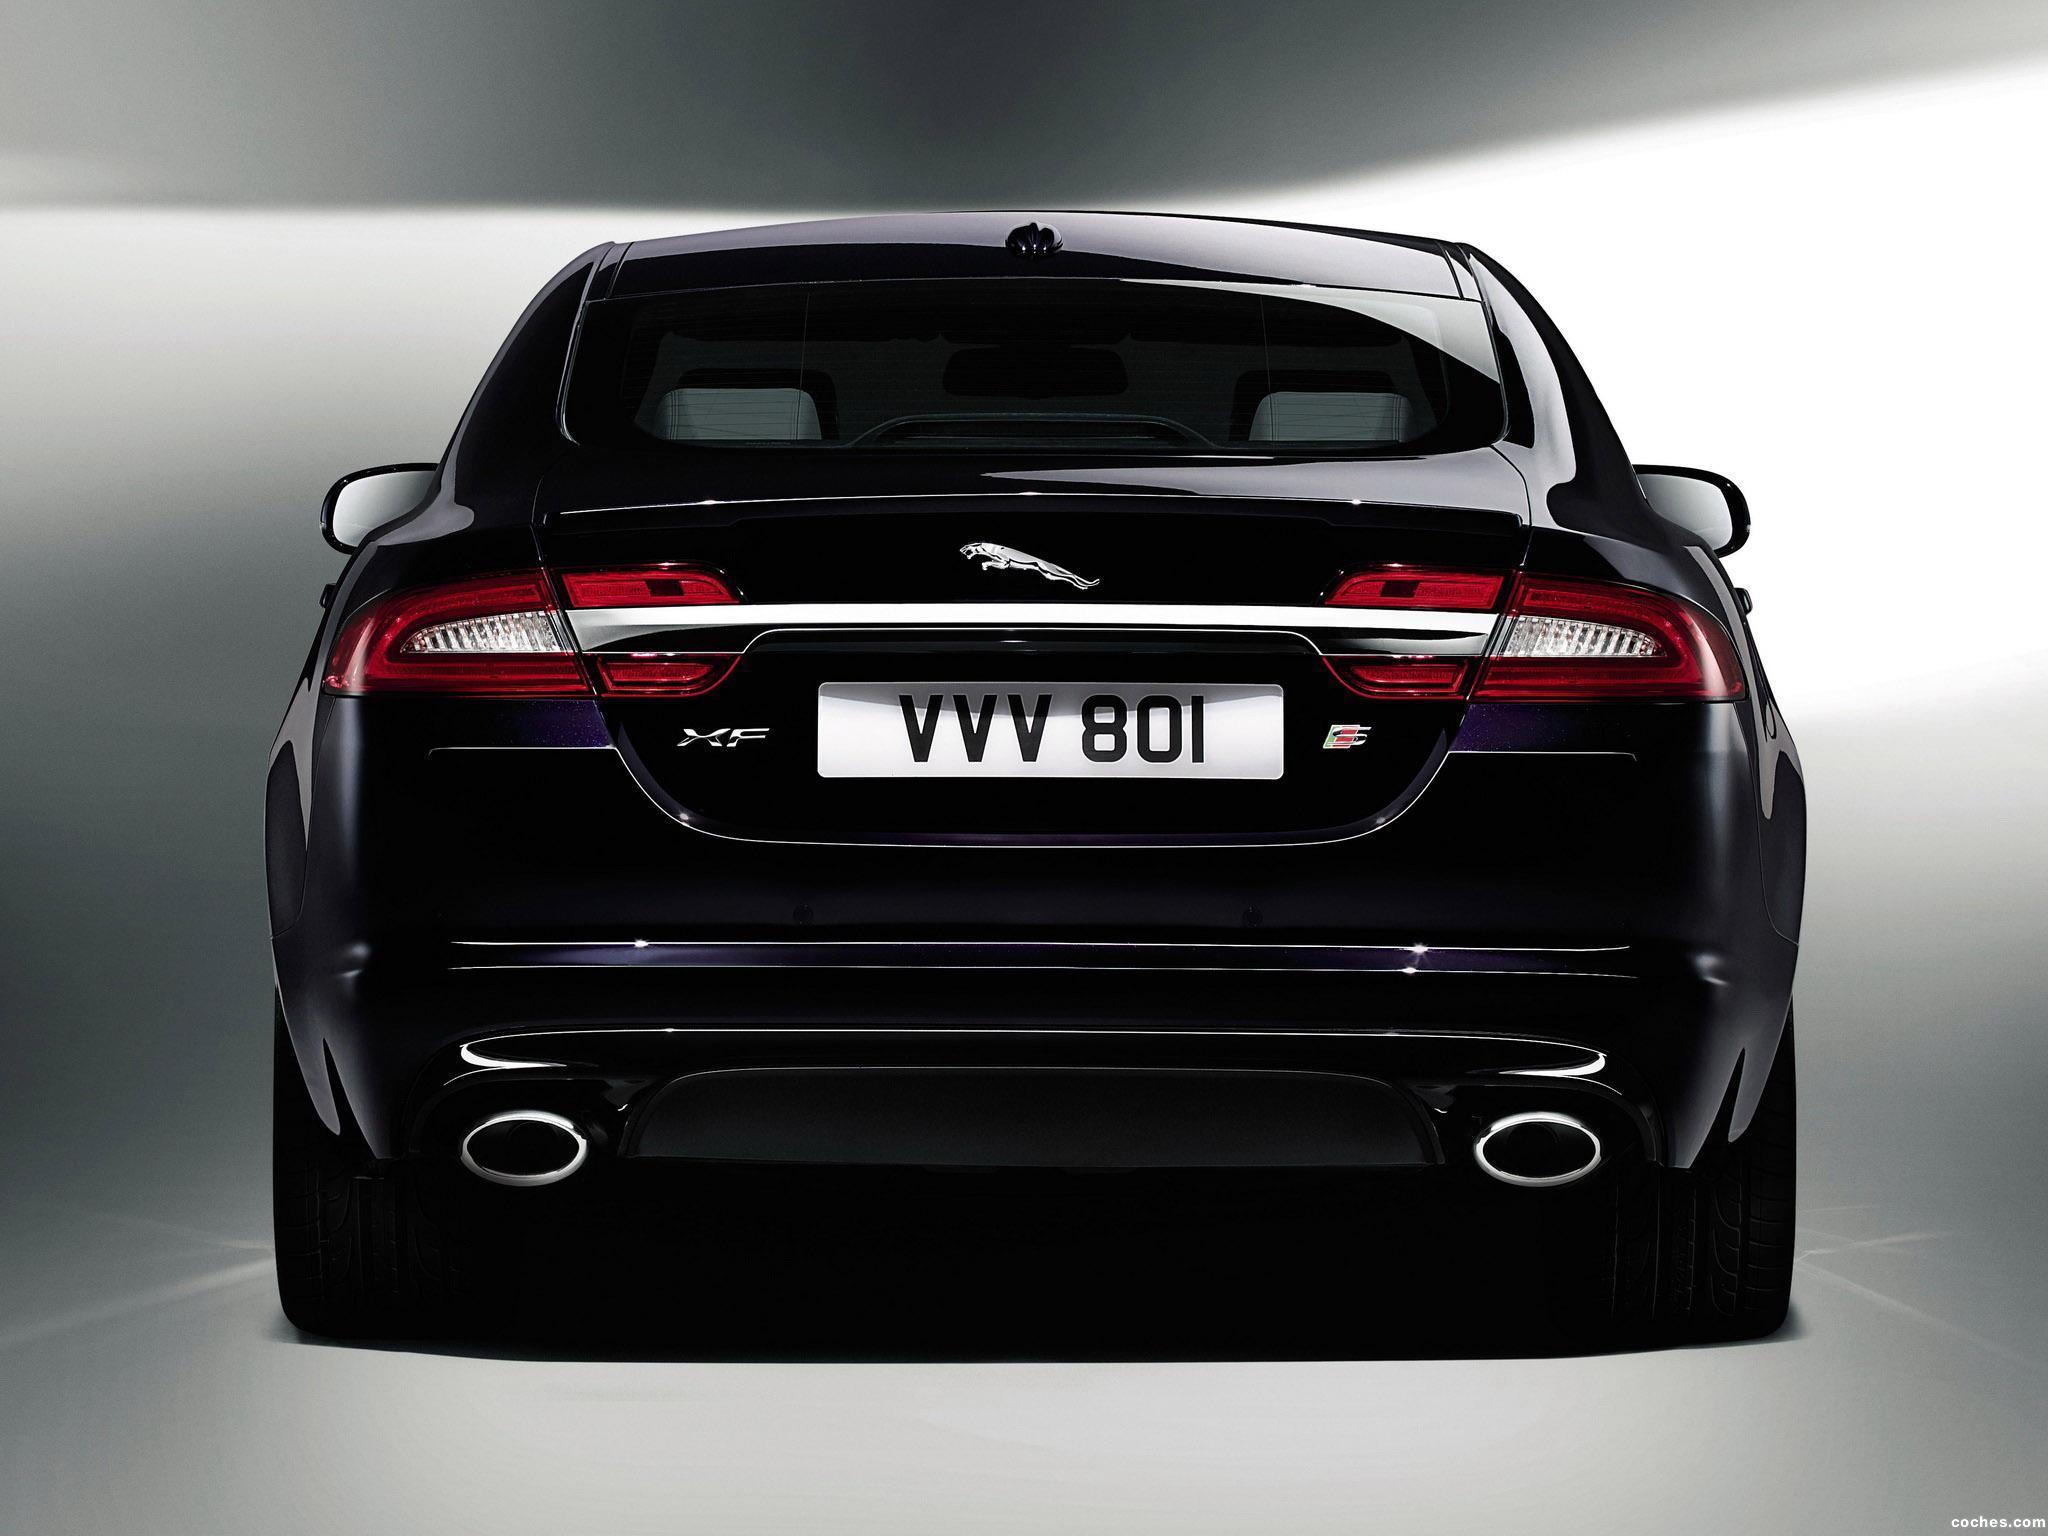 Foto 1 de Jaguar XF Diesel S 2011